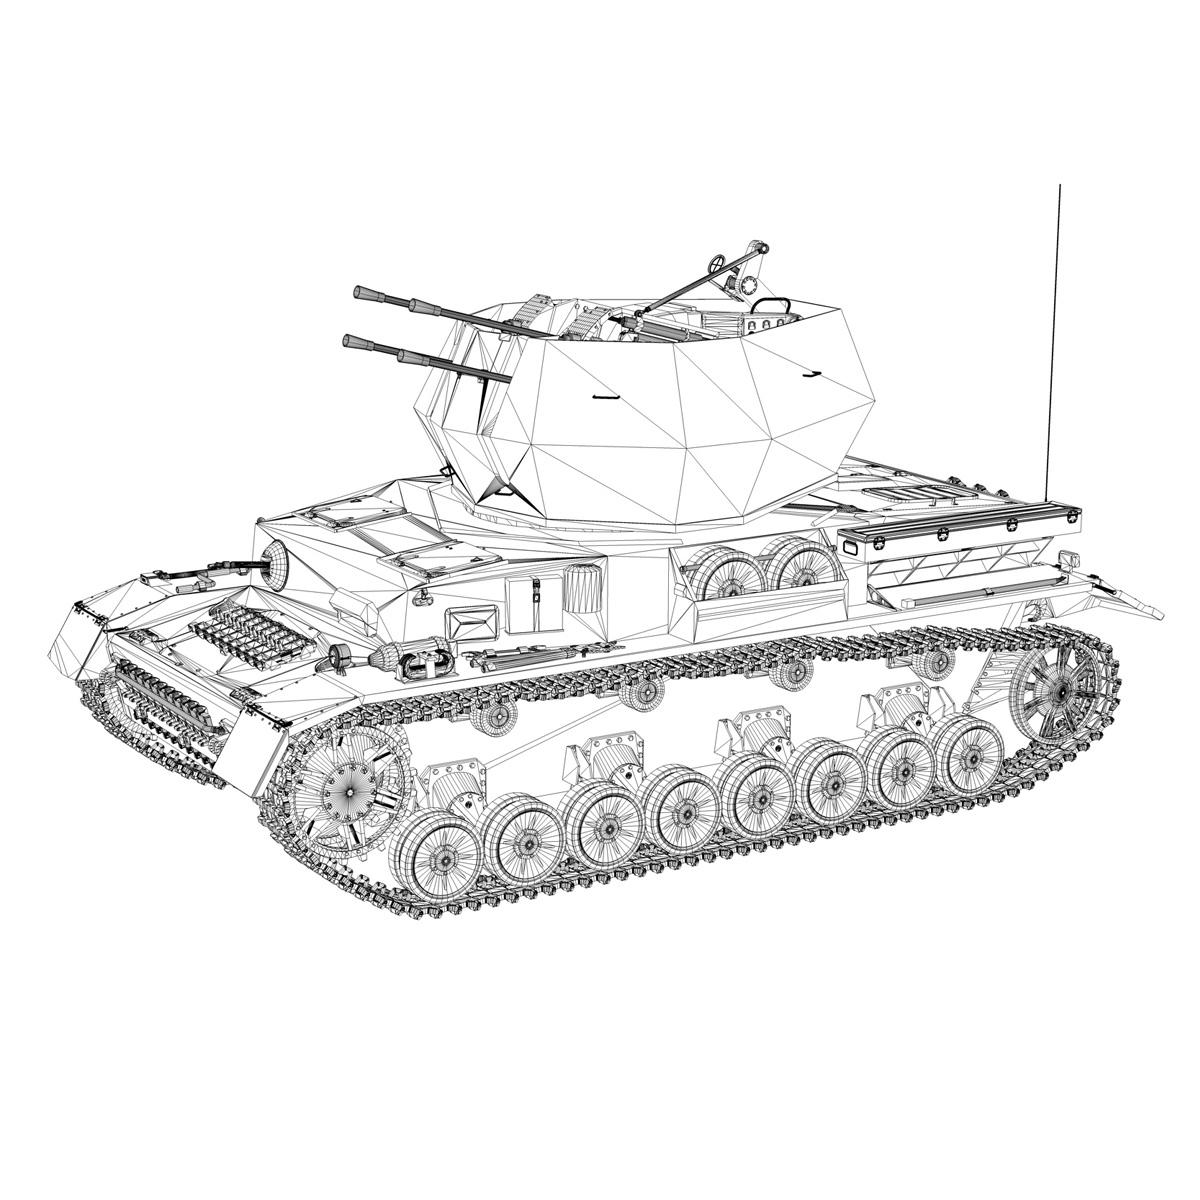 flakpanzer 4 - wirbelwind 3d model 3ds fbx c4d lwo obj 190393